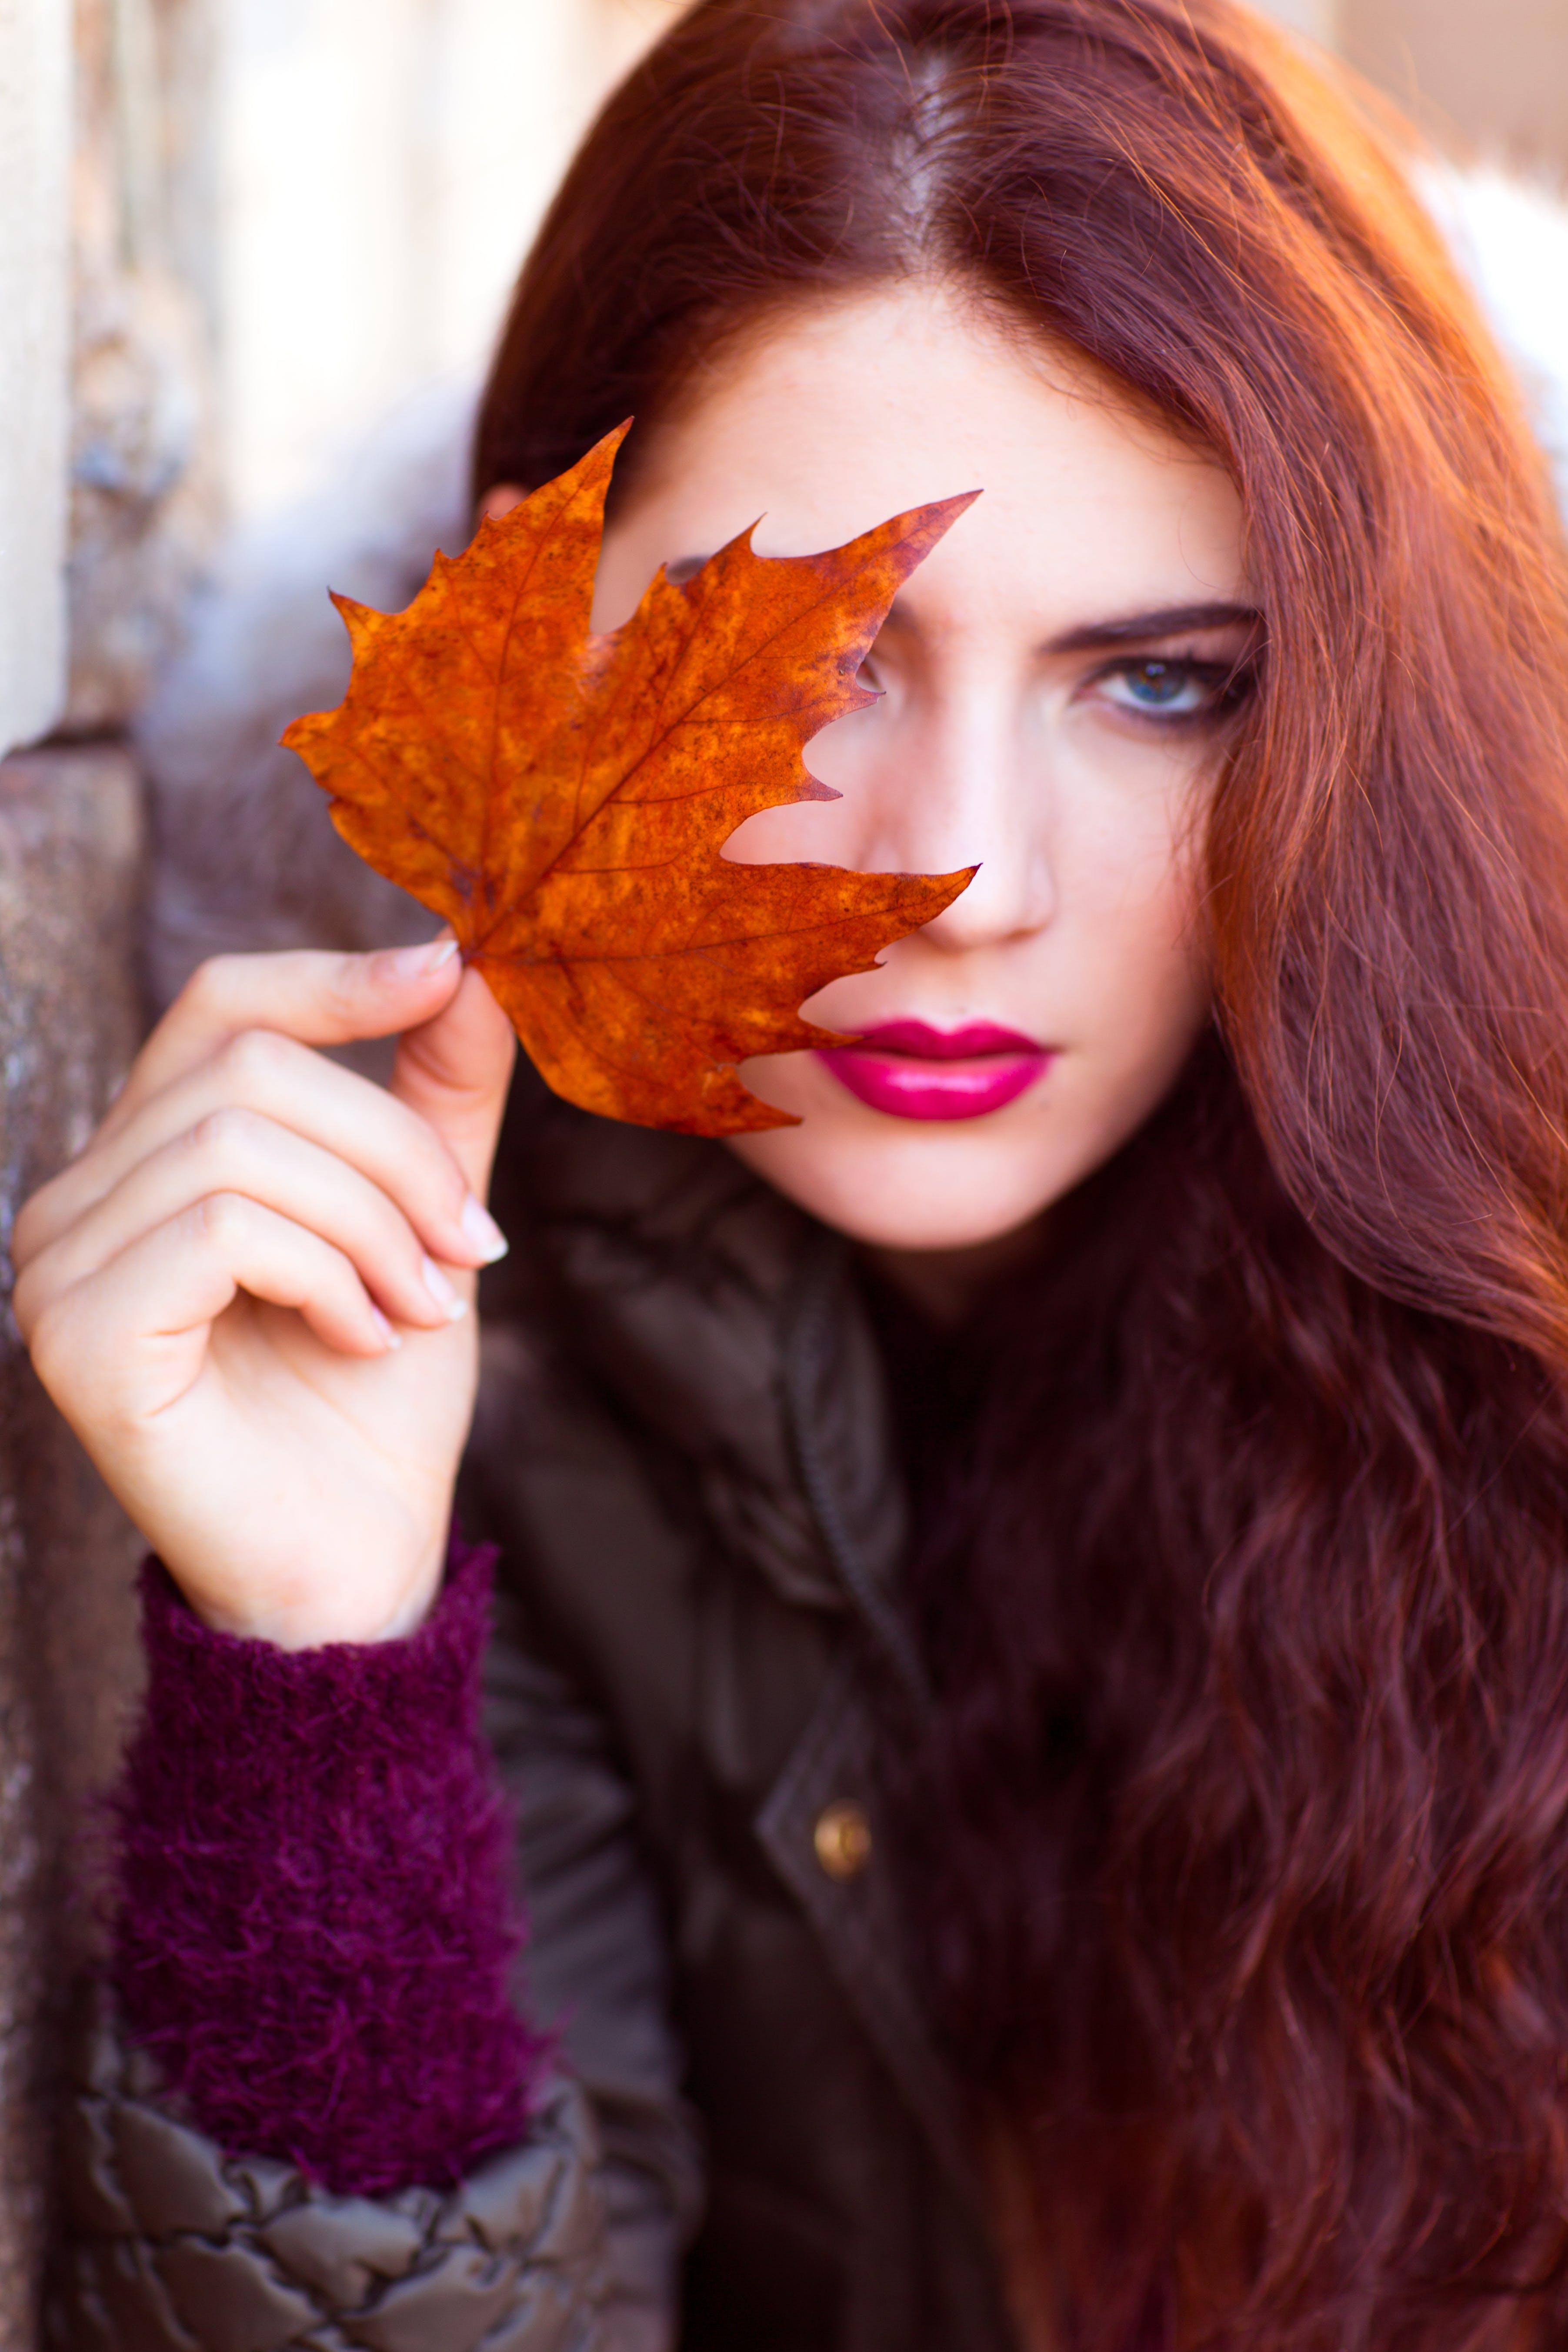 갈색 머리, 귀여운, 단풍잎, 머리의 무료 스톡 사진